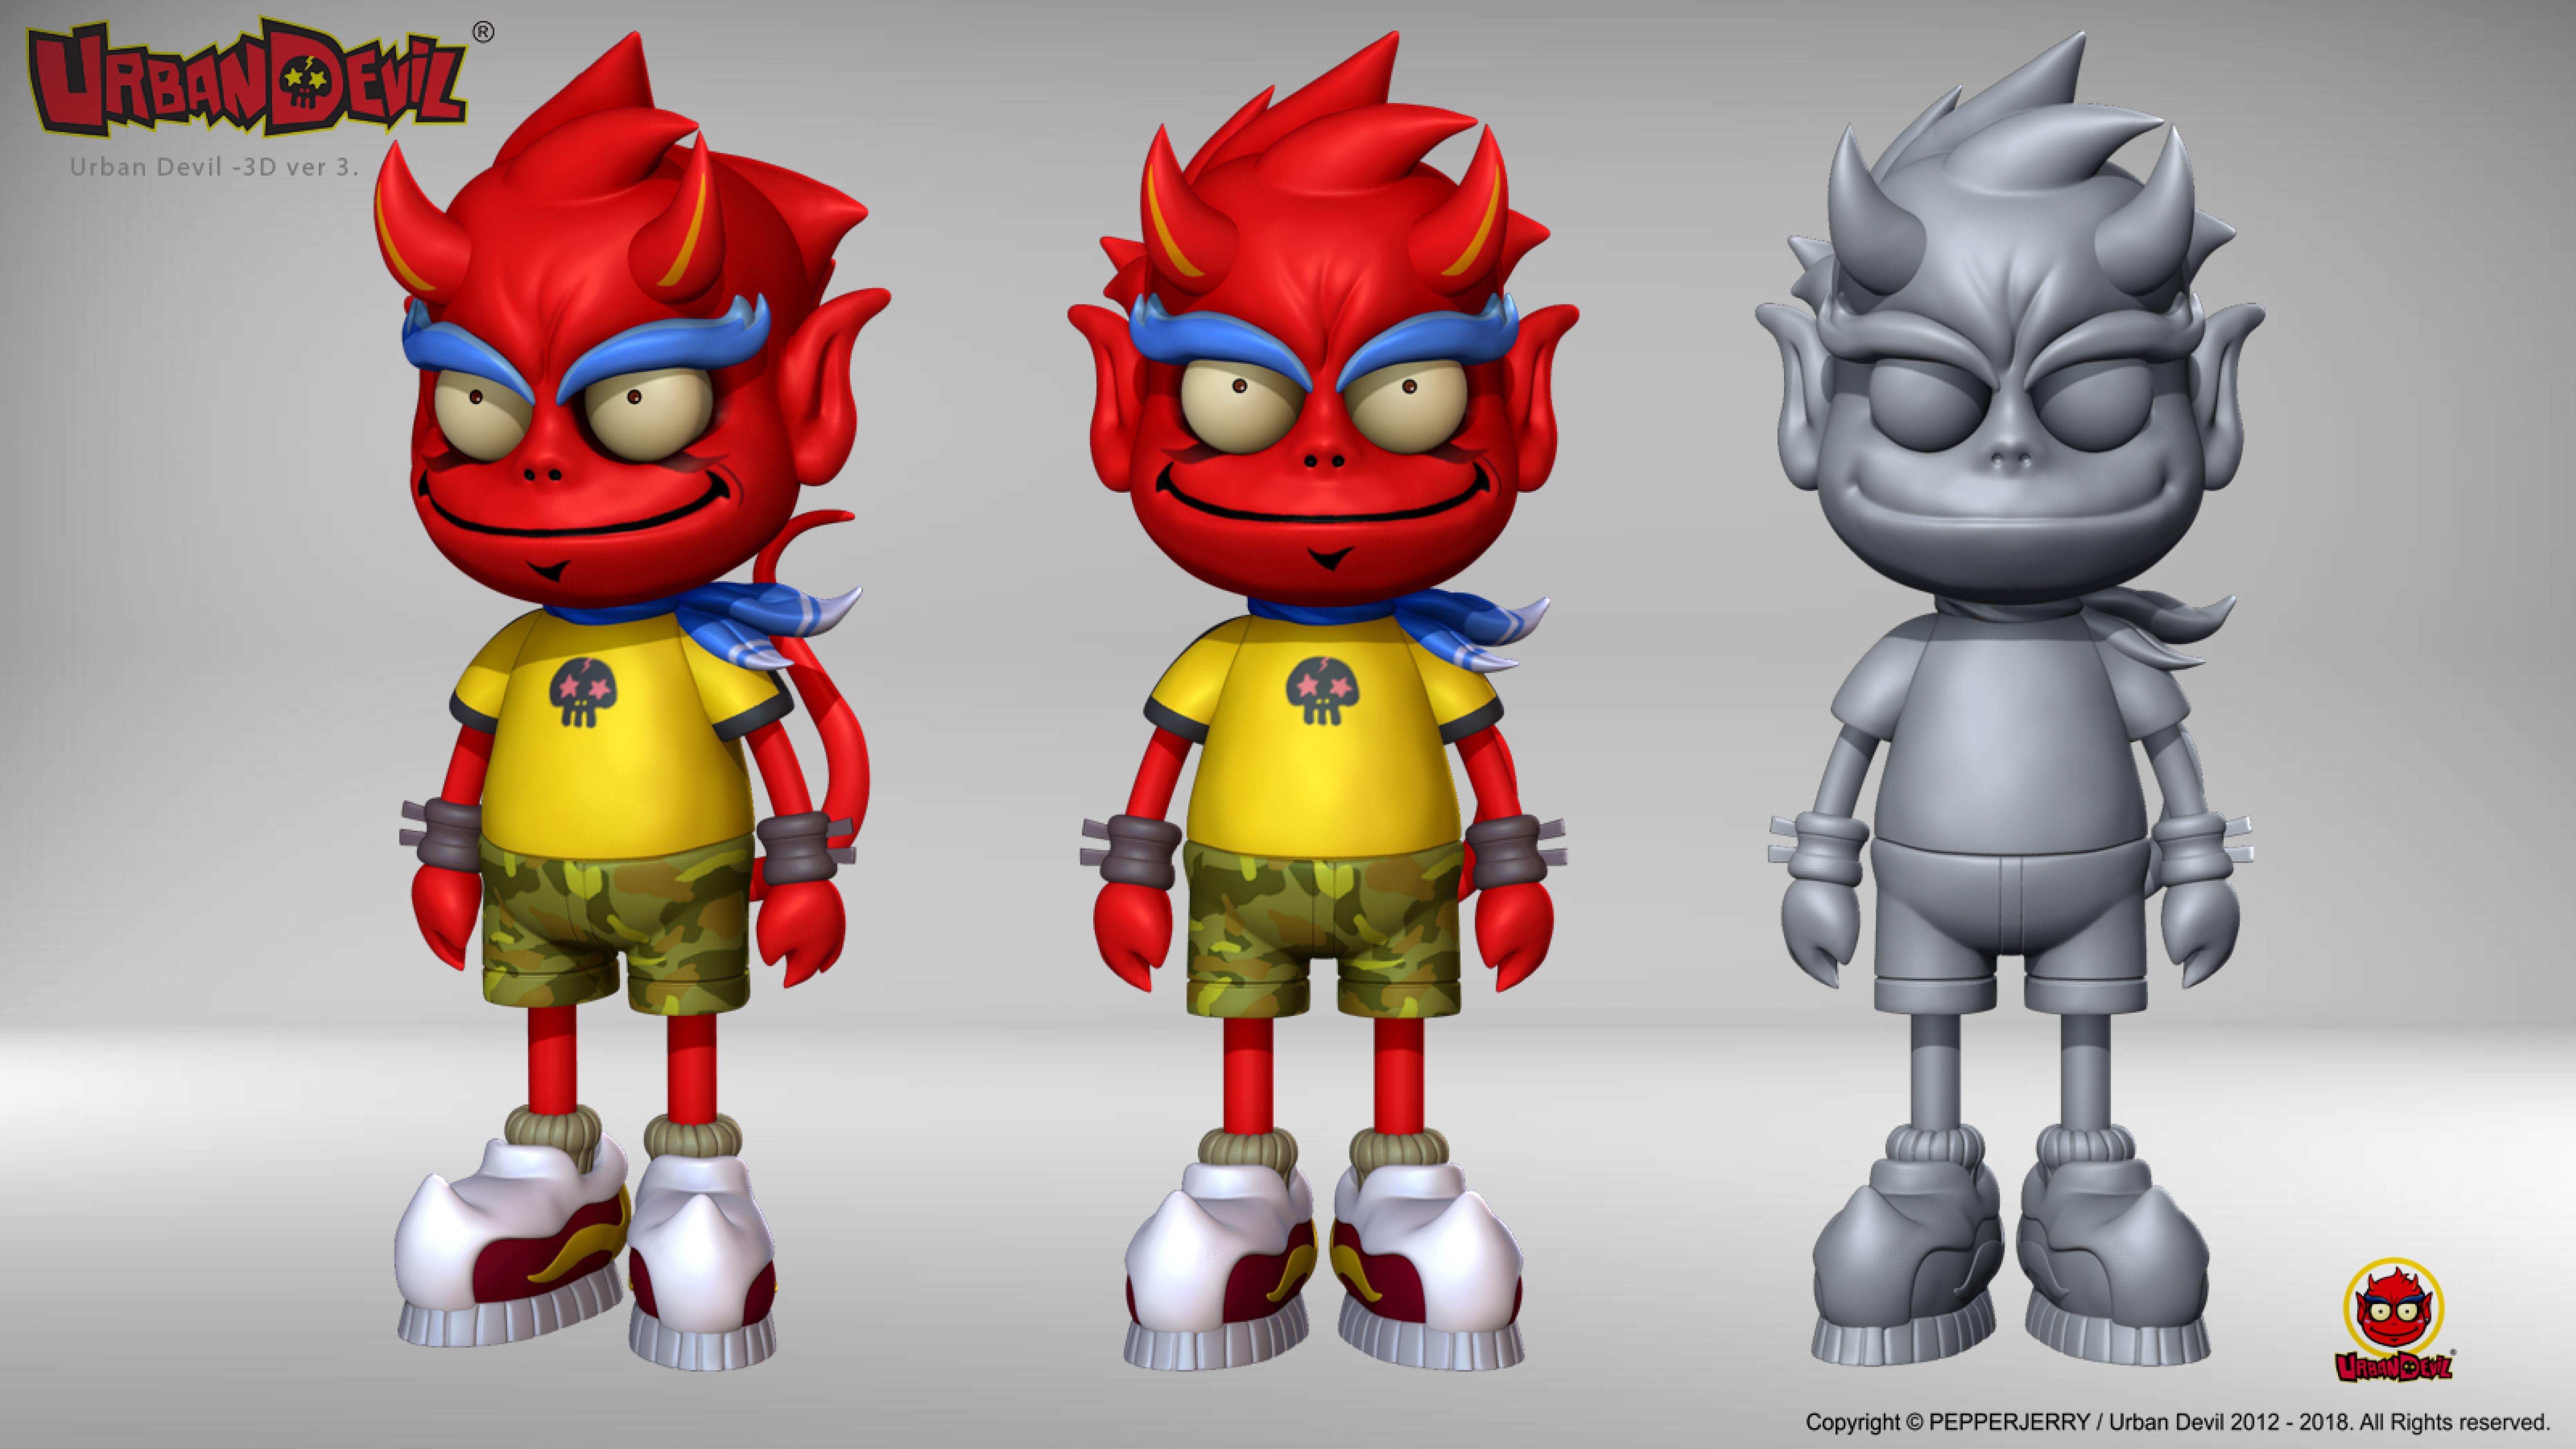 3D 工事監修 アーバン デビル Urban Devil 2 0 / Creator, Characters